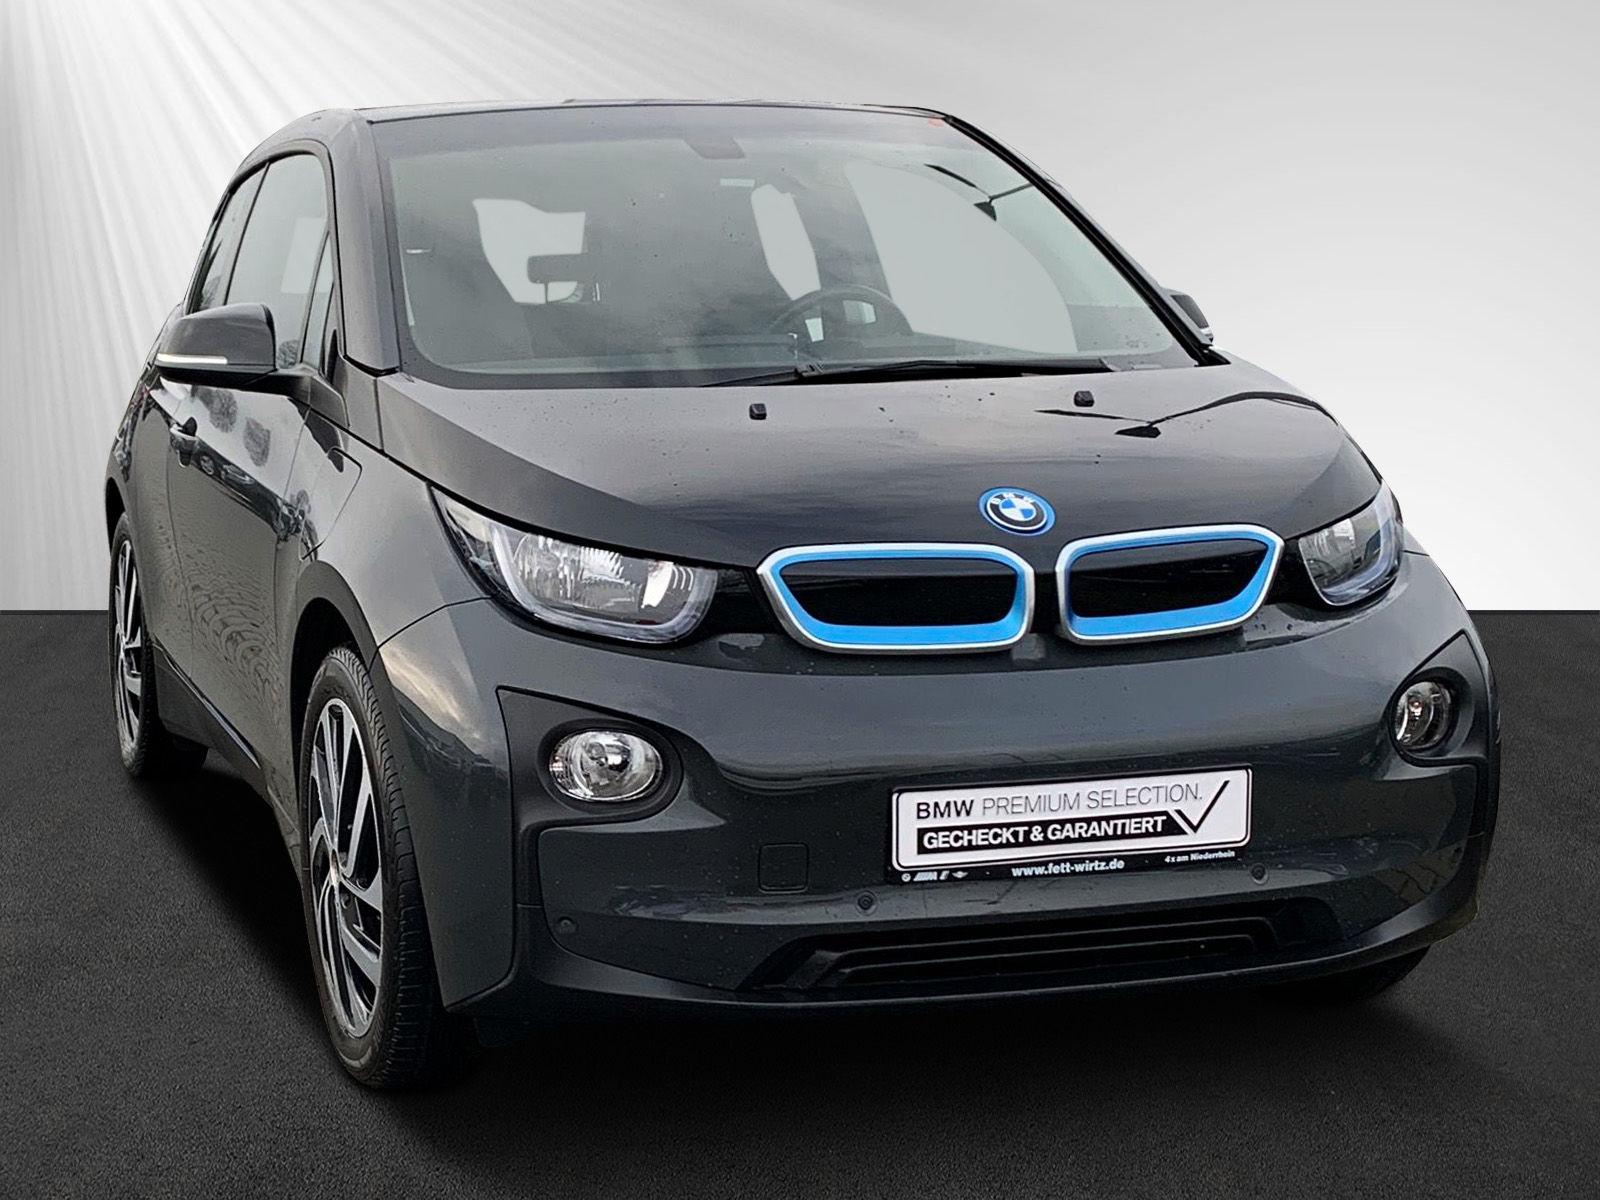 BMW i3 mit Range Extender Navi Business Klimaaut., Jahr 2015, Hybrid